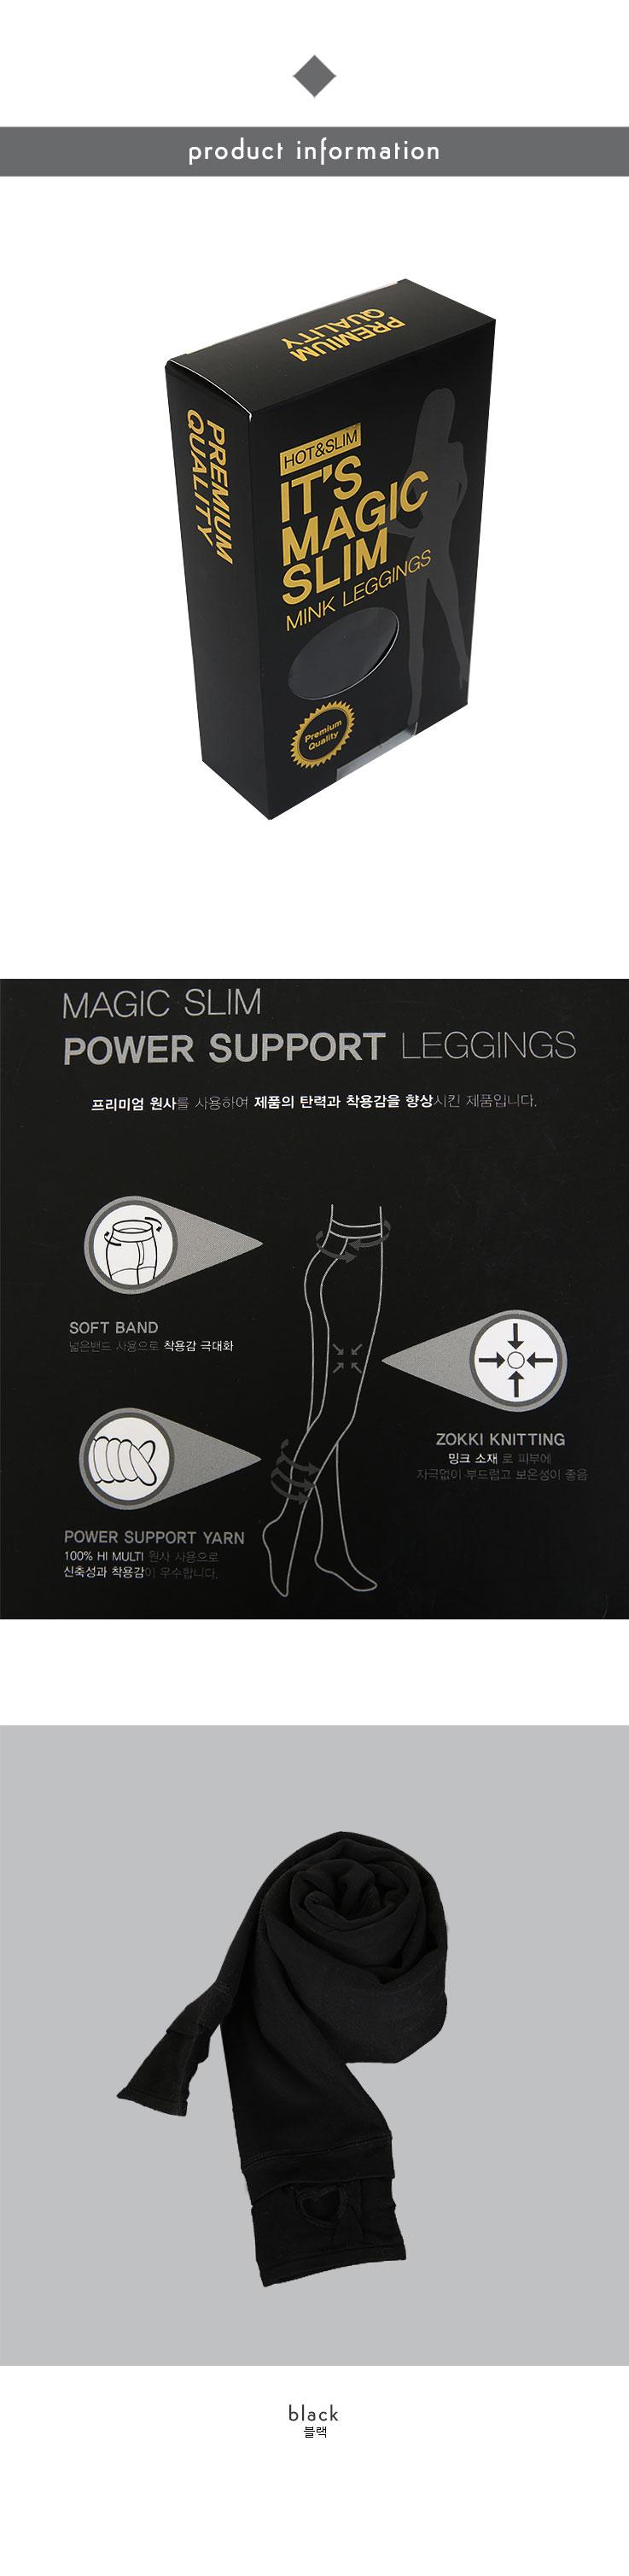 Mink - pressure tights